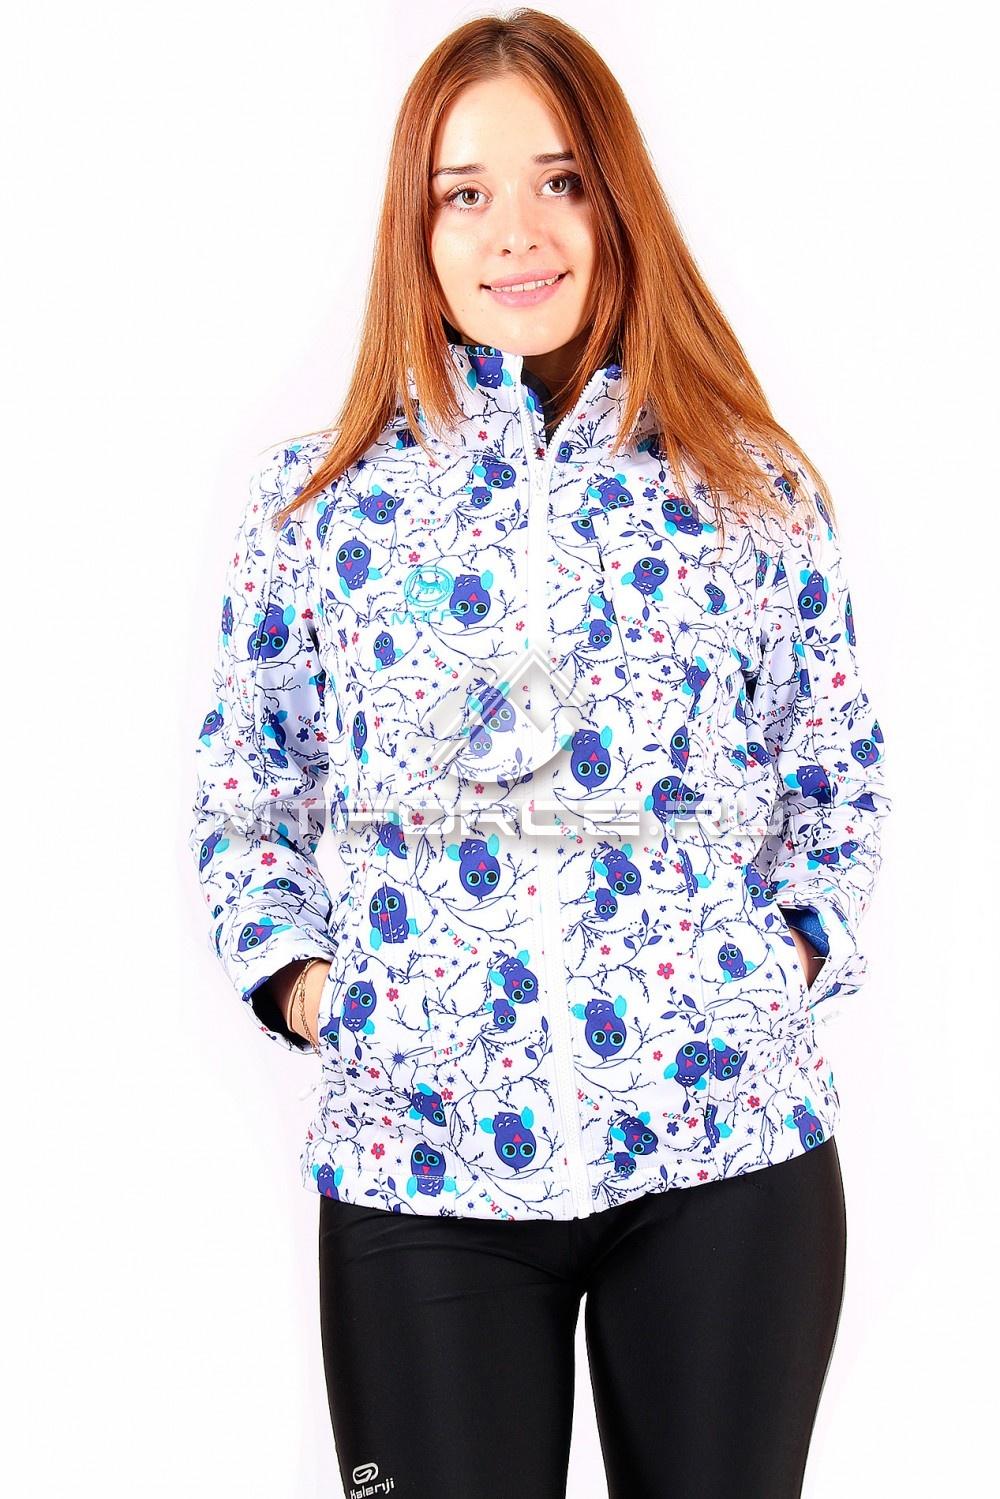 MTForse - верхняя одежда для всей семьи. Горнолыжка, толстовки, комбинезоны. Куртки-парки, виндстоперы. Приятные цены!